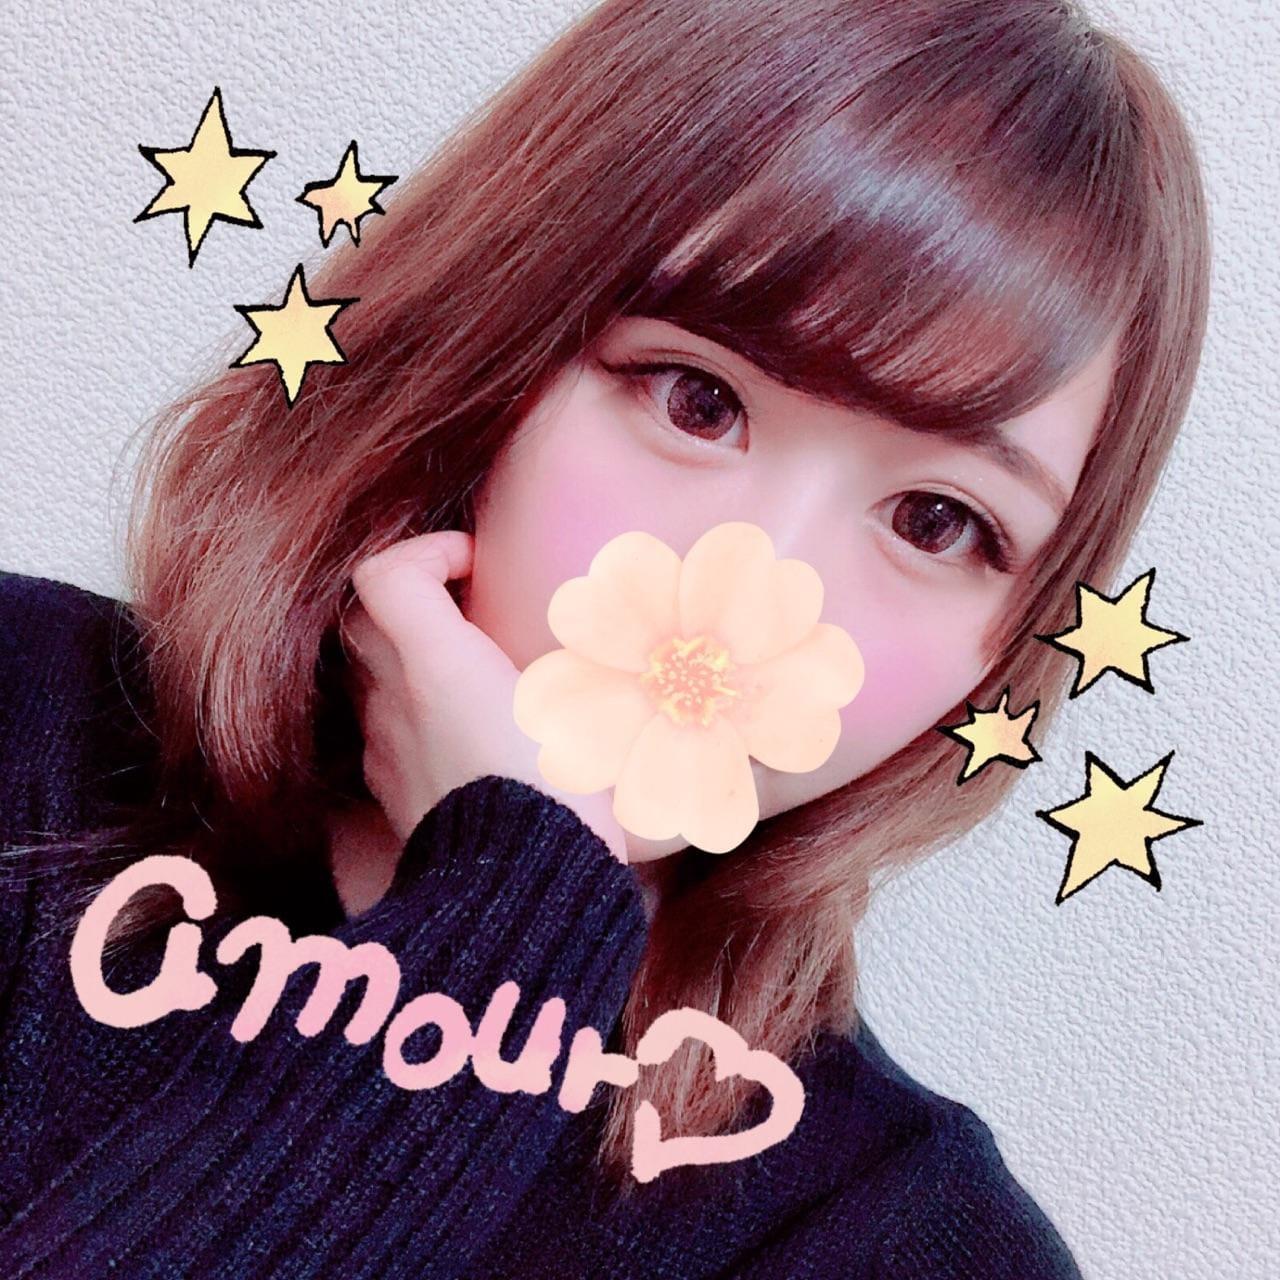 「昨日のお礼Yさん」11/16(金) 11:34   つばさの写メ・風俗動画